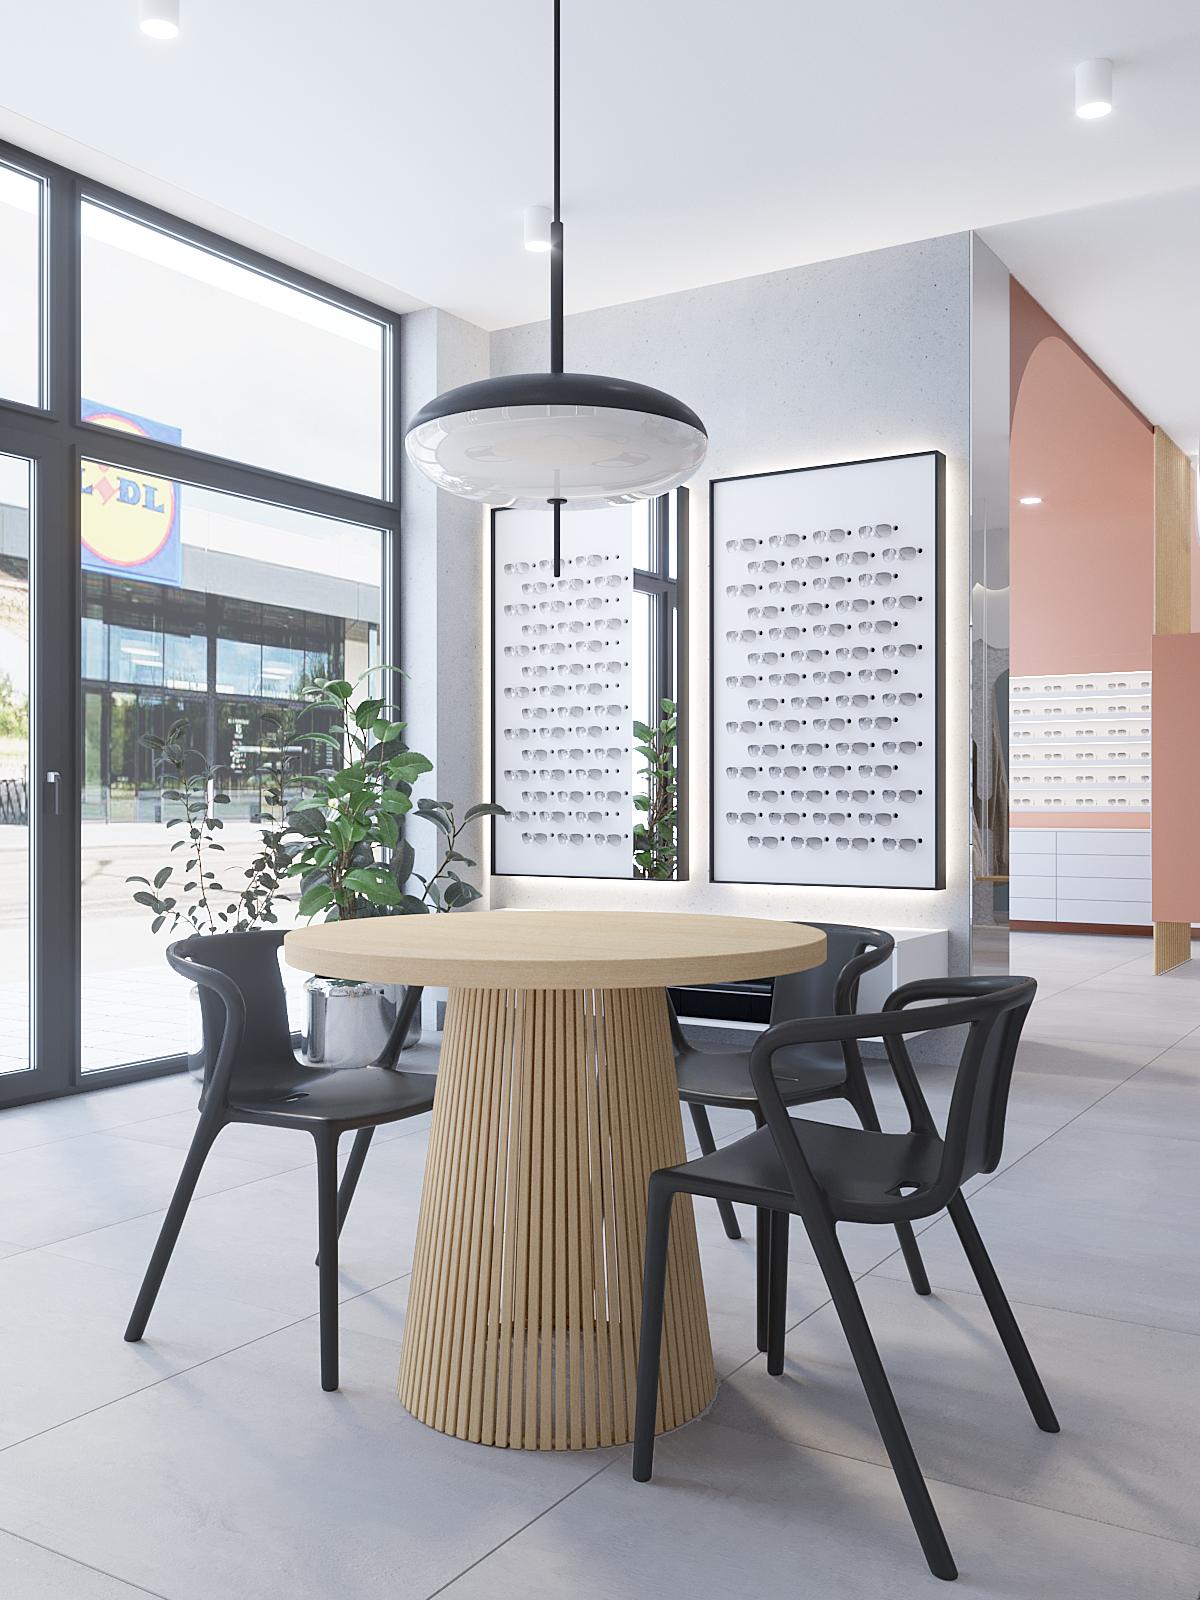 5 architekt wnetrz K099 optyk Strozik Bytom punkt obslugi klienta okragly stol czarne krzesla rozwy akcent na scianie betonowe plytki